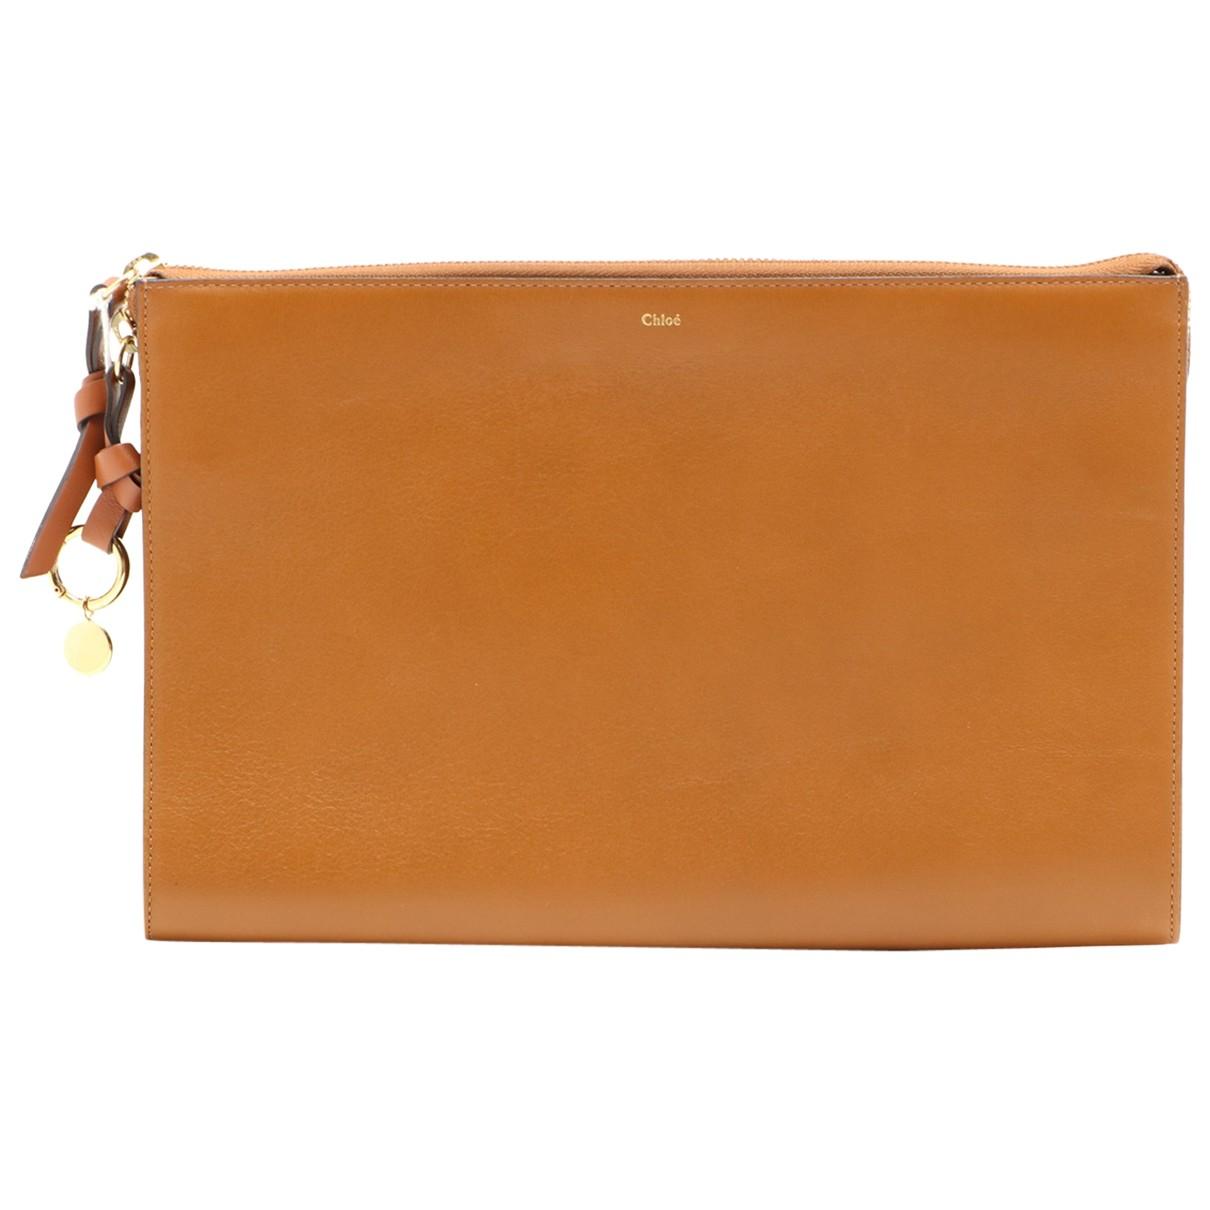 Chloe - Pochette   pour femme en cuir - marron